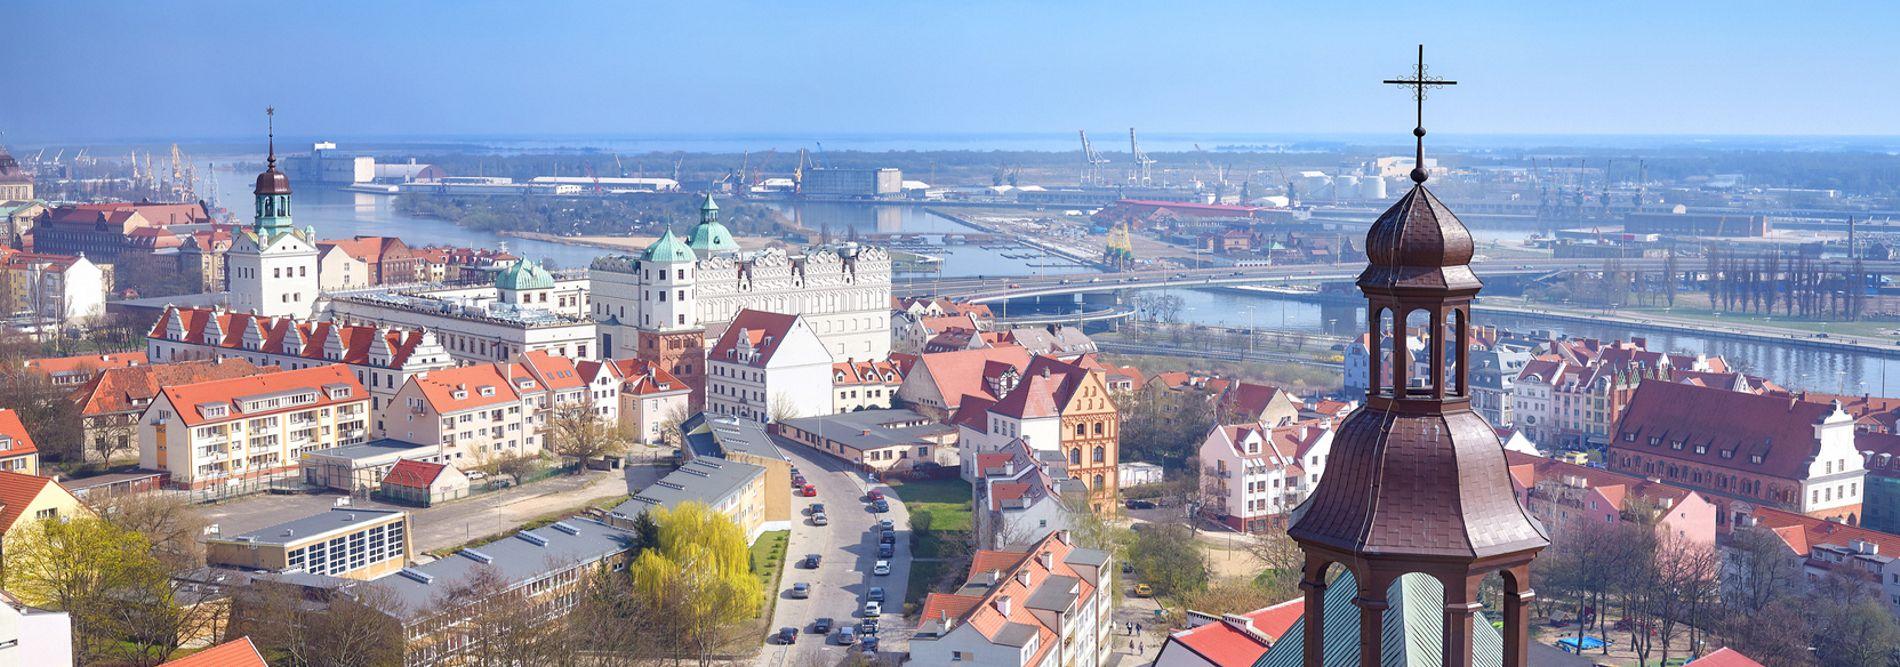 Szczecin humanistyczny